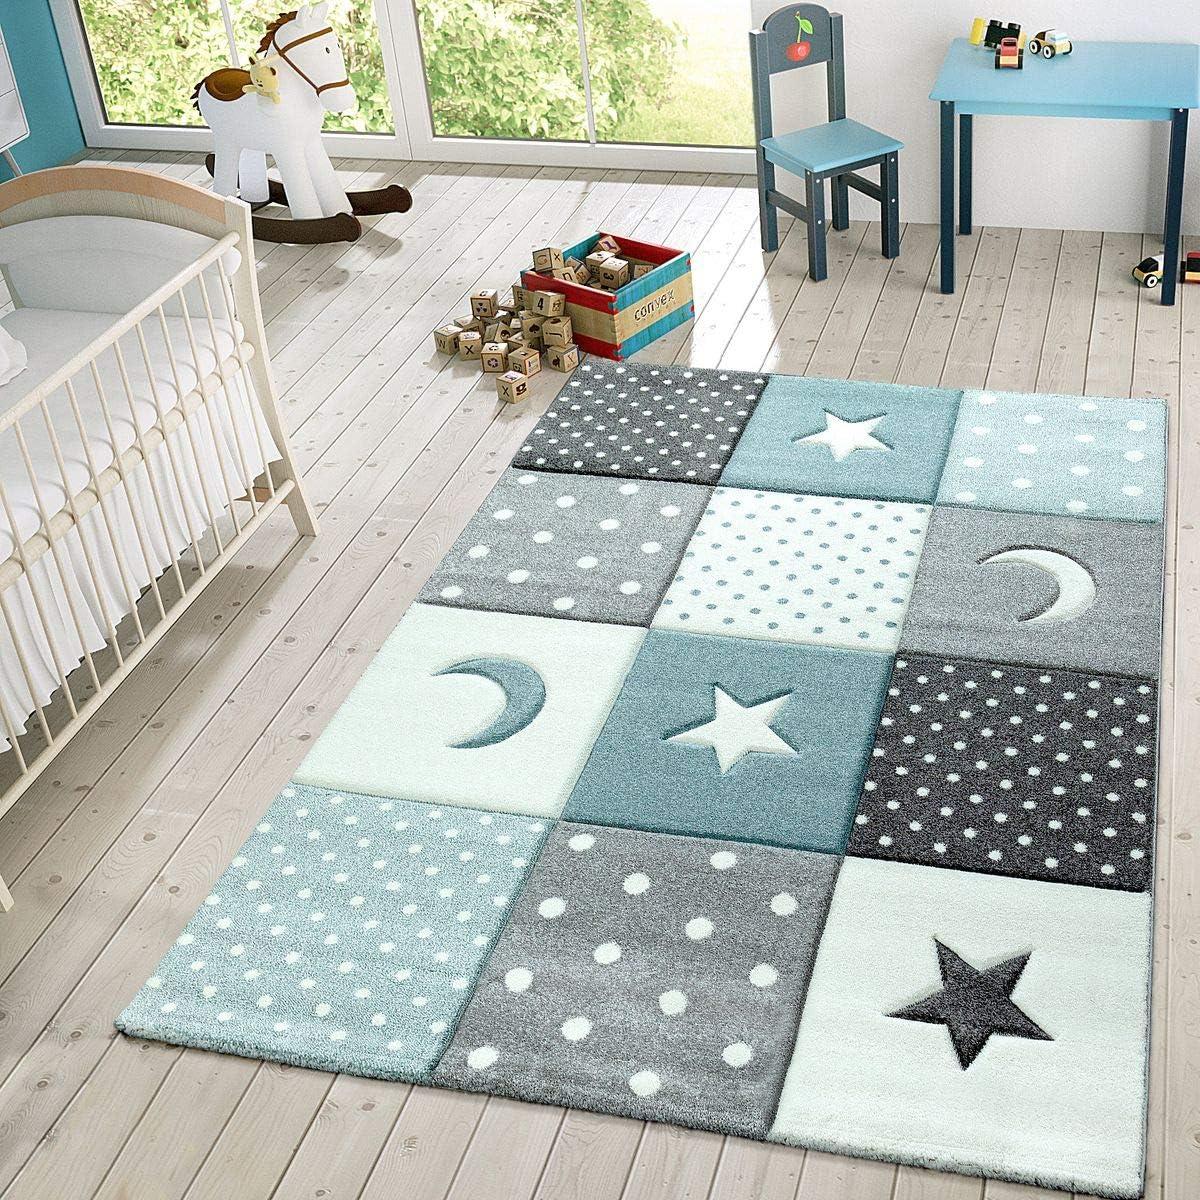 TT Home Alfombra Infantil Juego Cuadros Estrellas Luna Pastel Turquesa Blanco Gris, Größe:120x170 cm